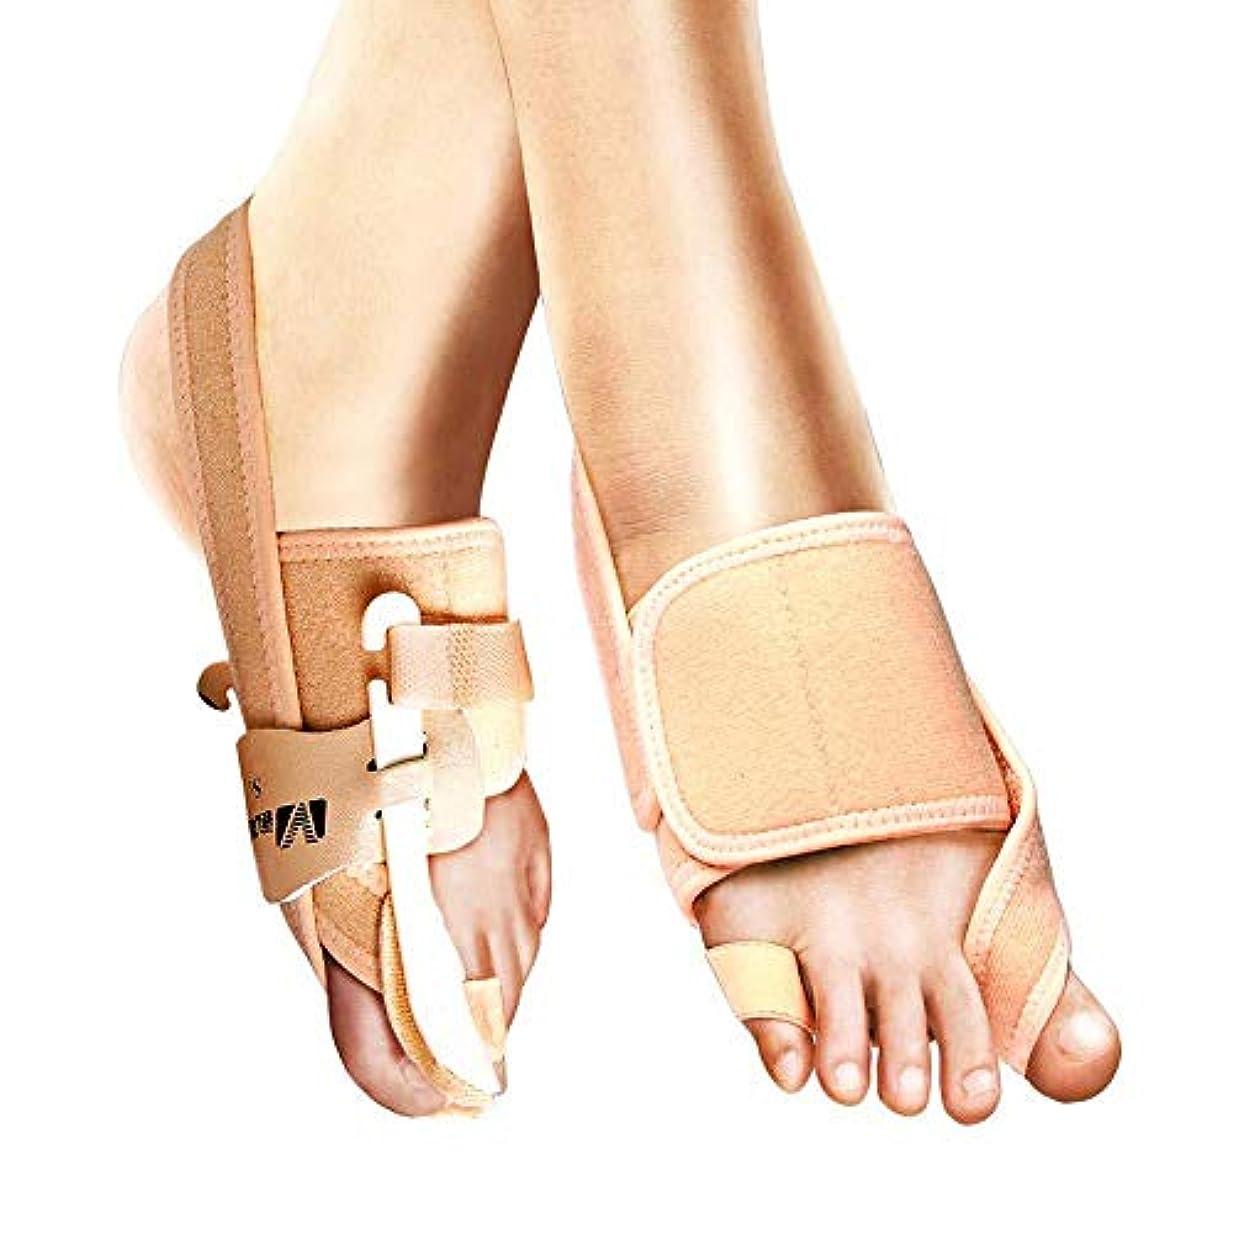 マイナー宿泊バラ色外反母for用の足の親指の矯正、男性と女性用の昼と夜のキット、痛みを和らげるジェルつま先セパレータ,RightFoot-22-24cm